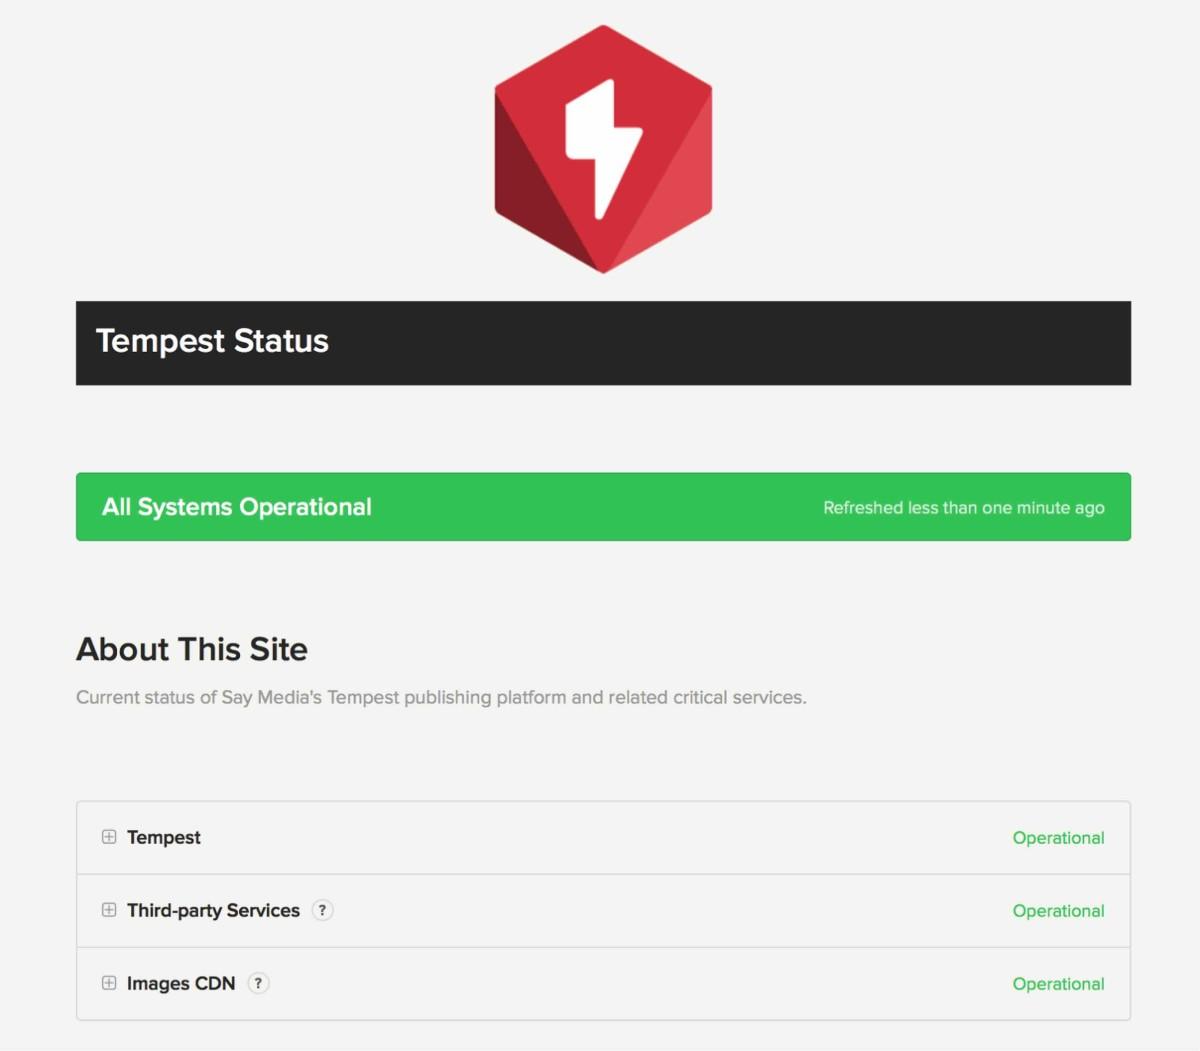 Tempest Status